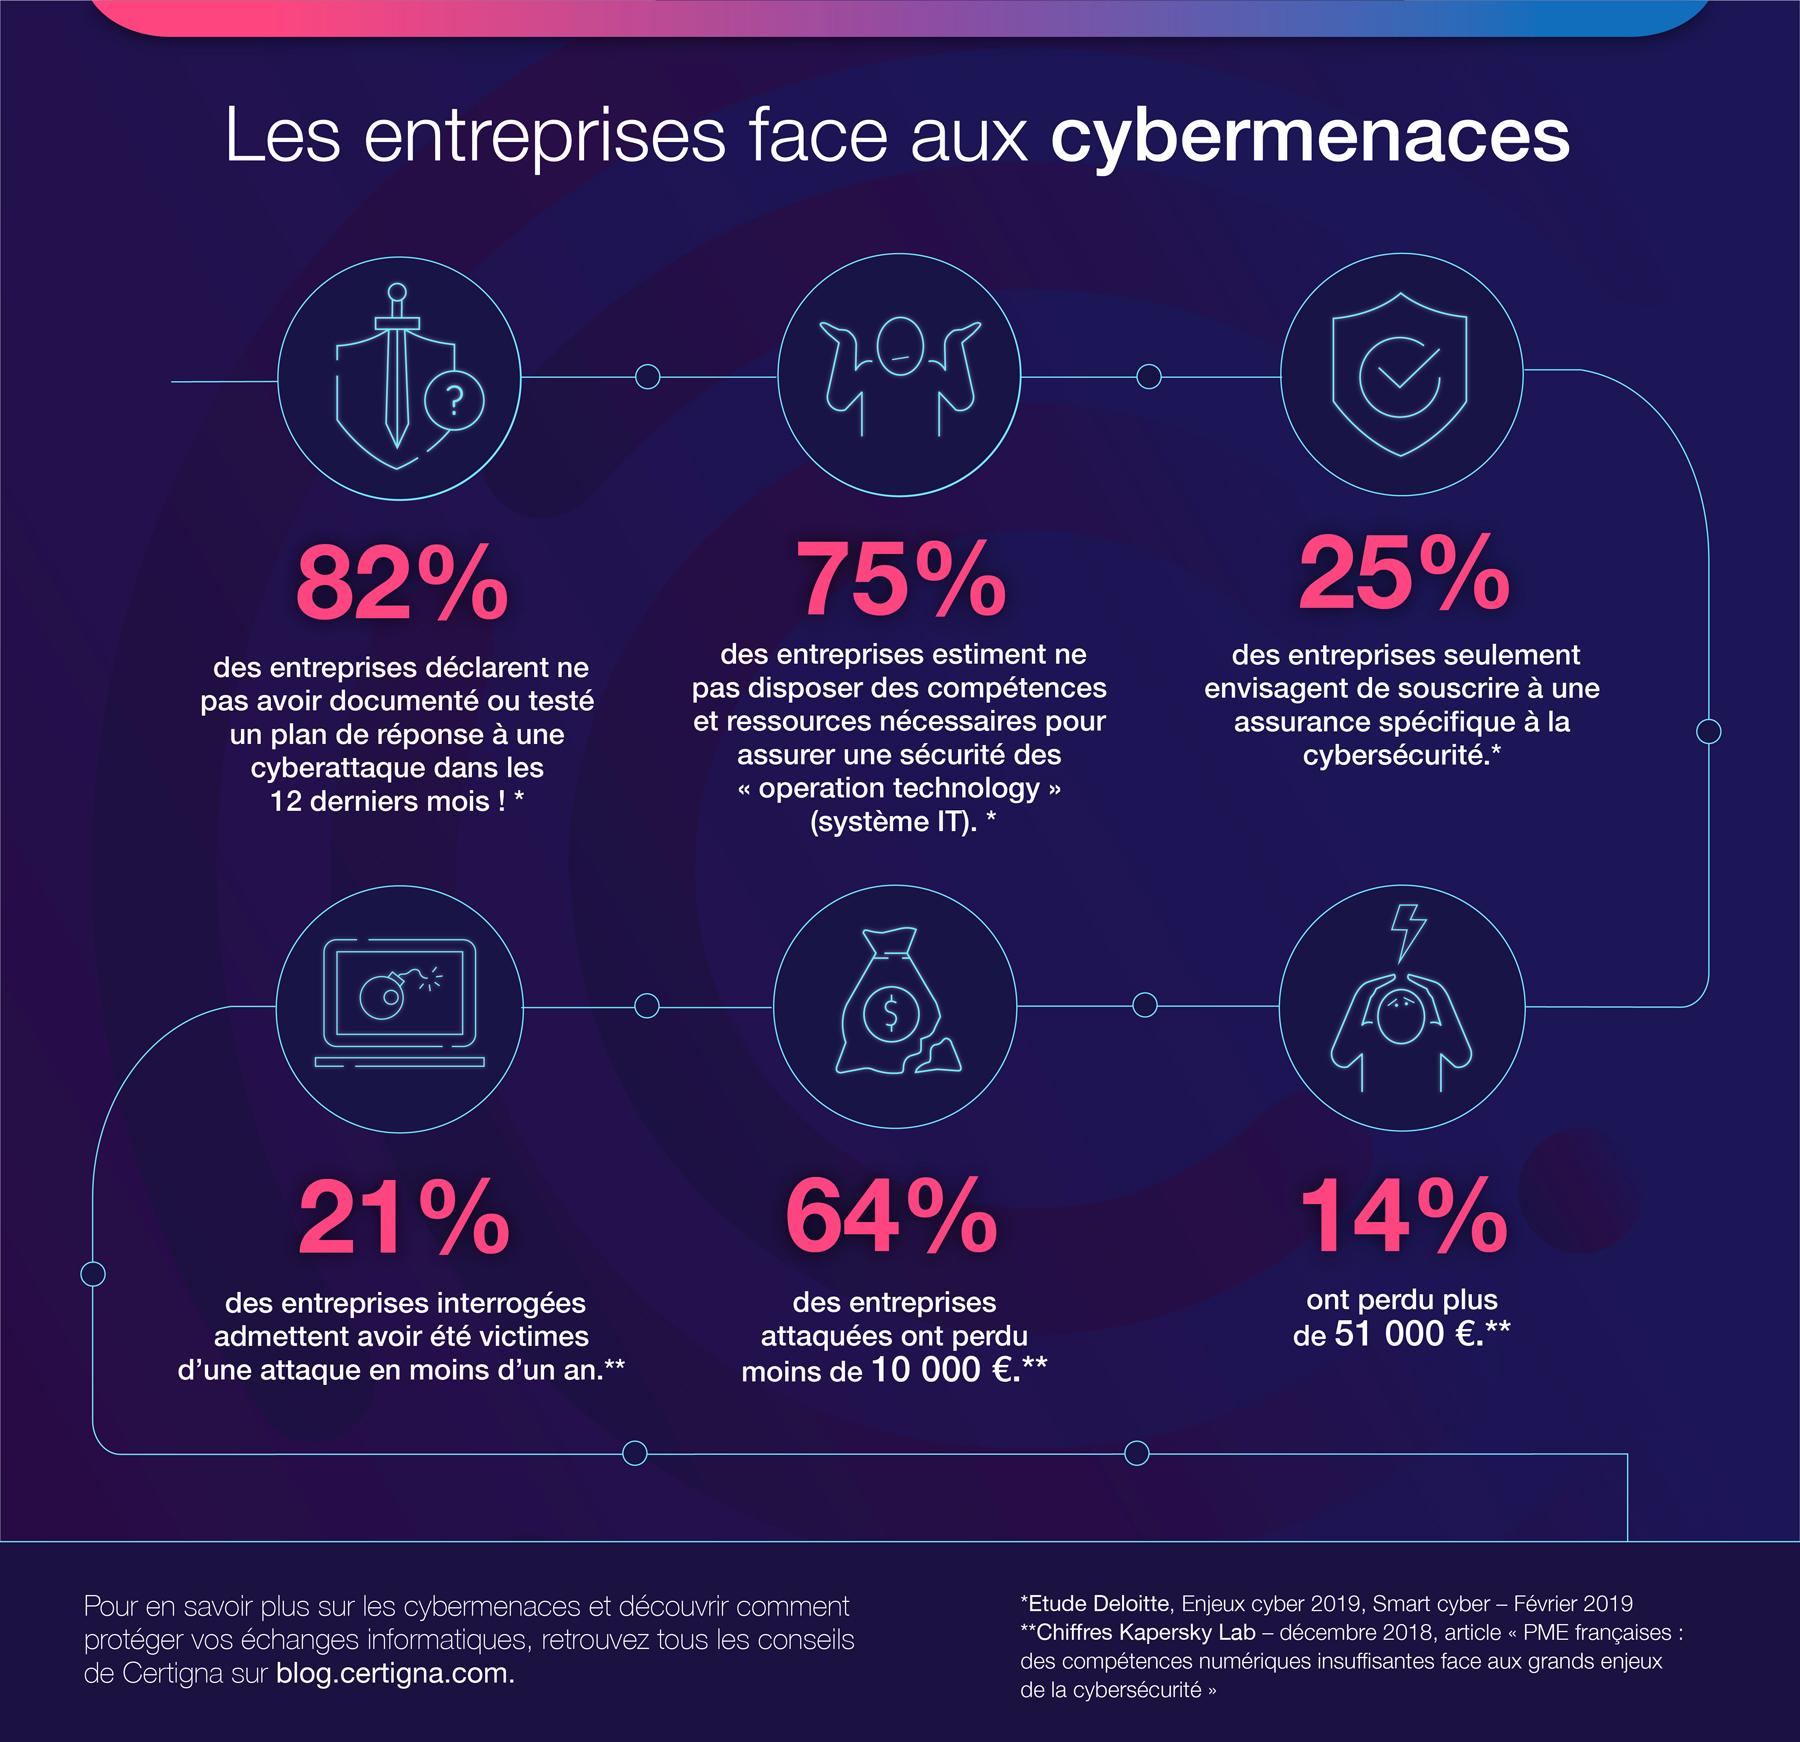 Les entreprises face aux cybermenaces, une infographie réalisée par Certigna